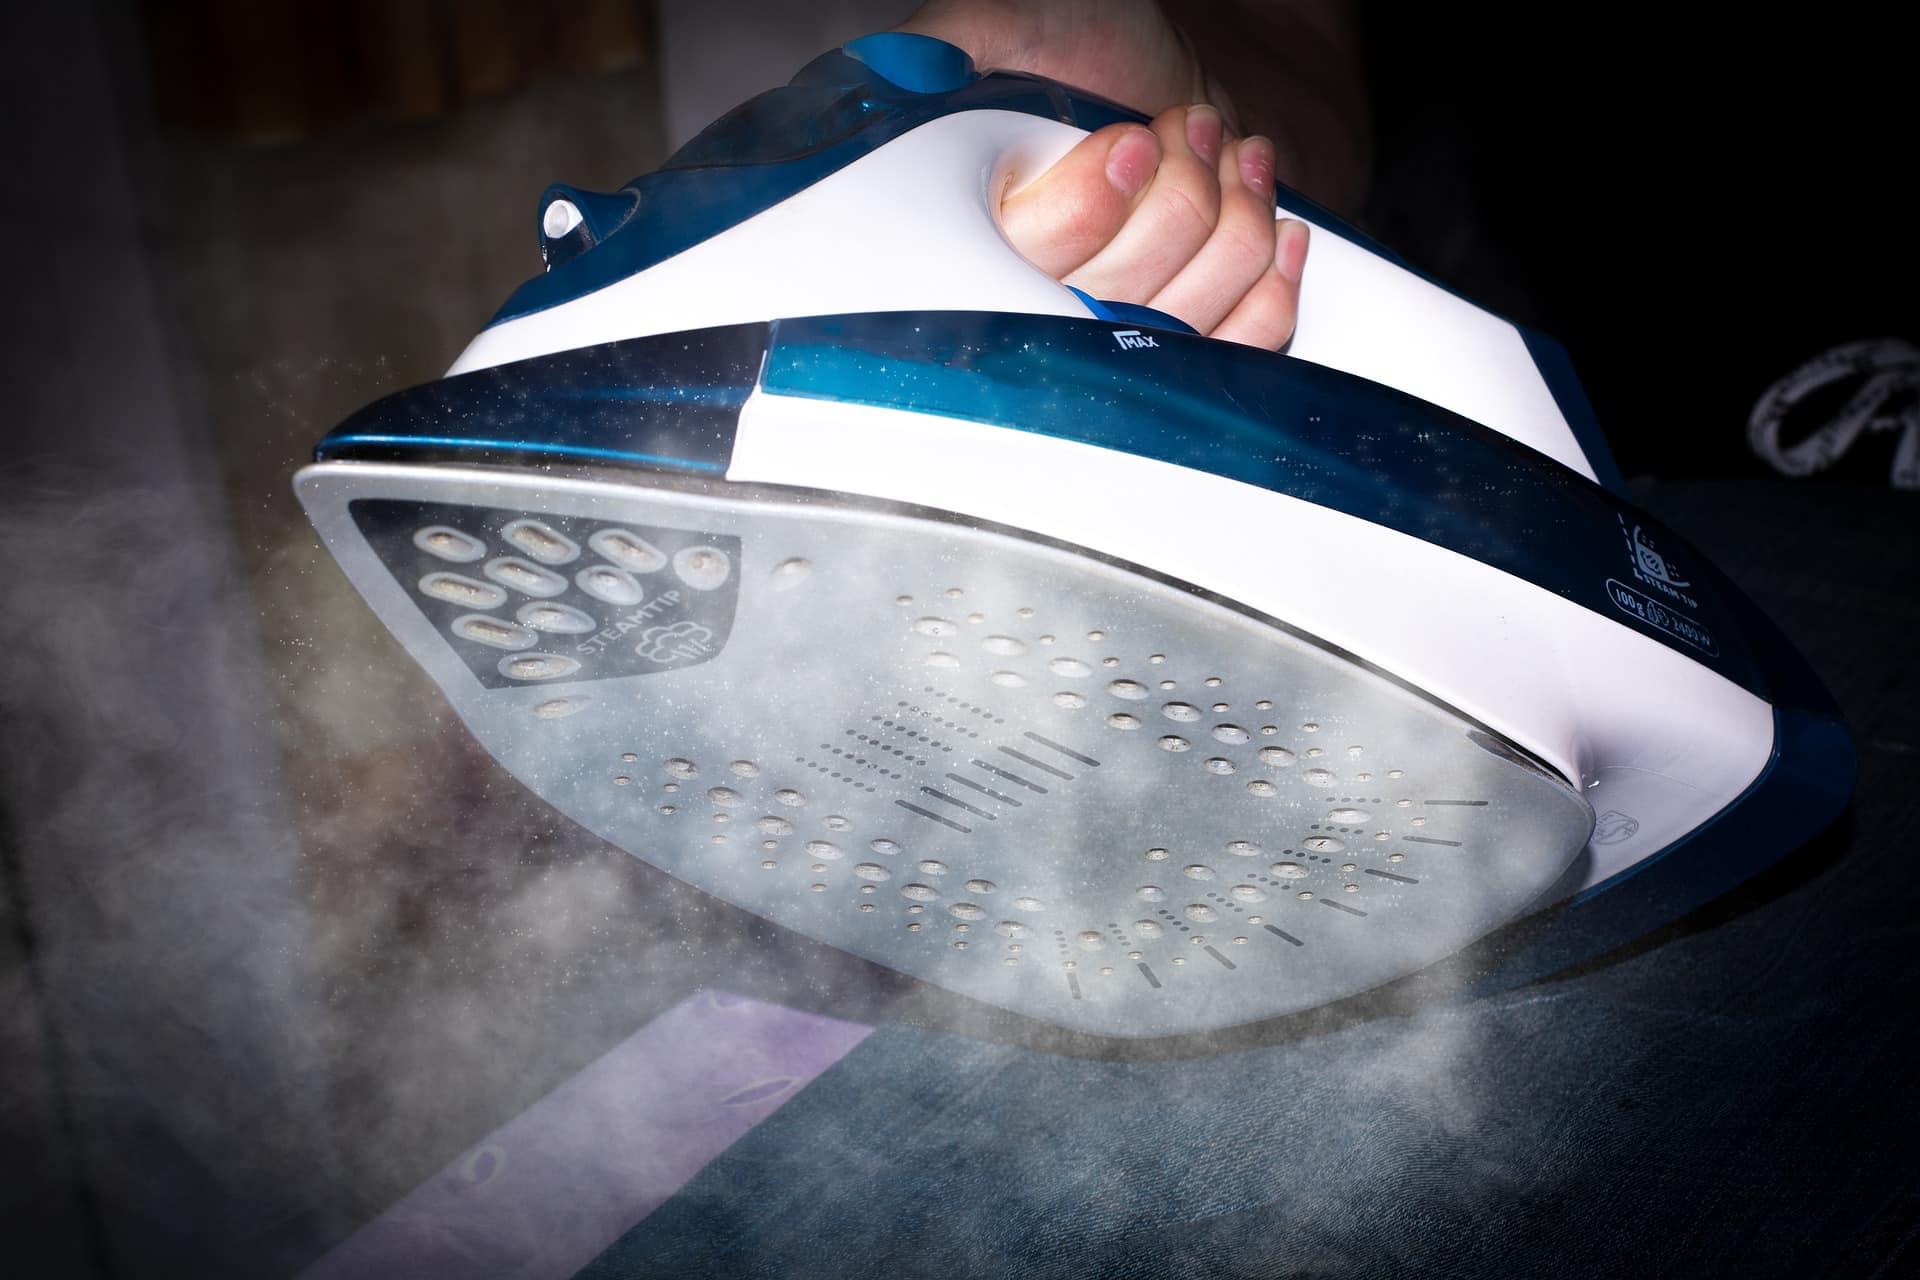 Utiliser une centrale vapeur au quotidien: tous les avantages à profiter